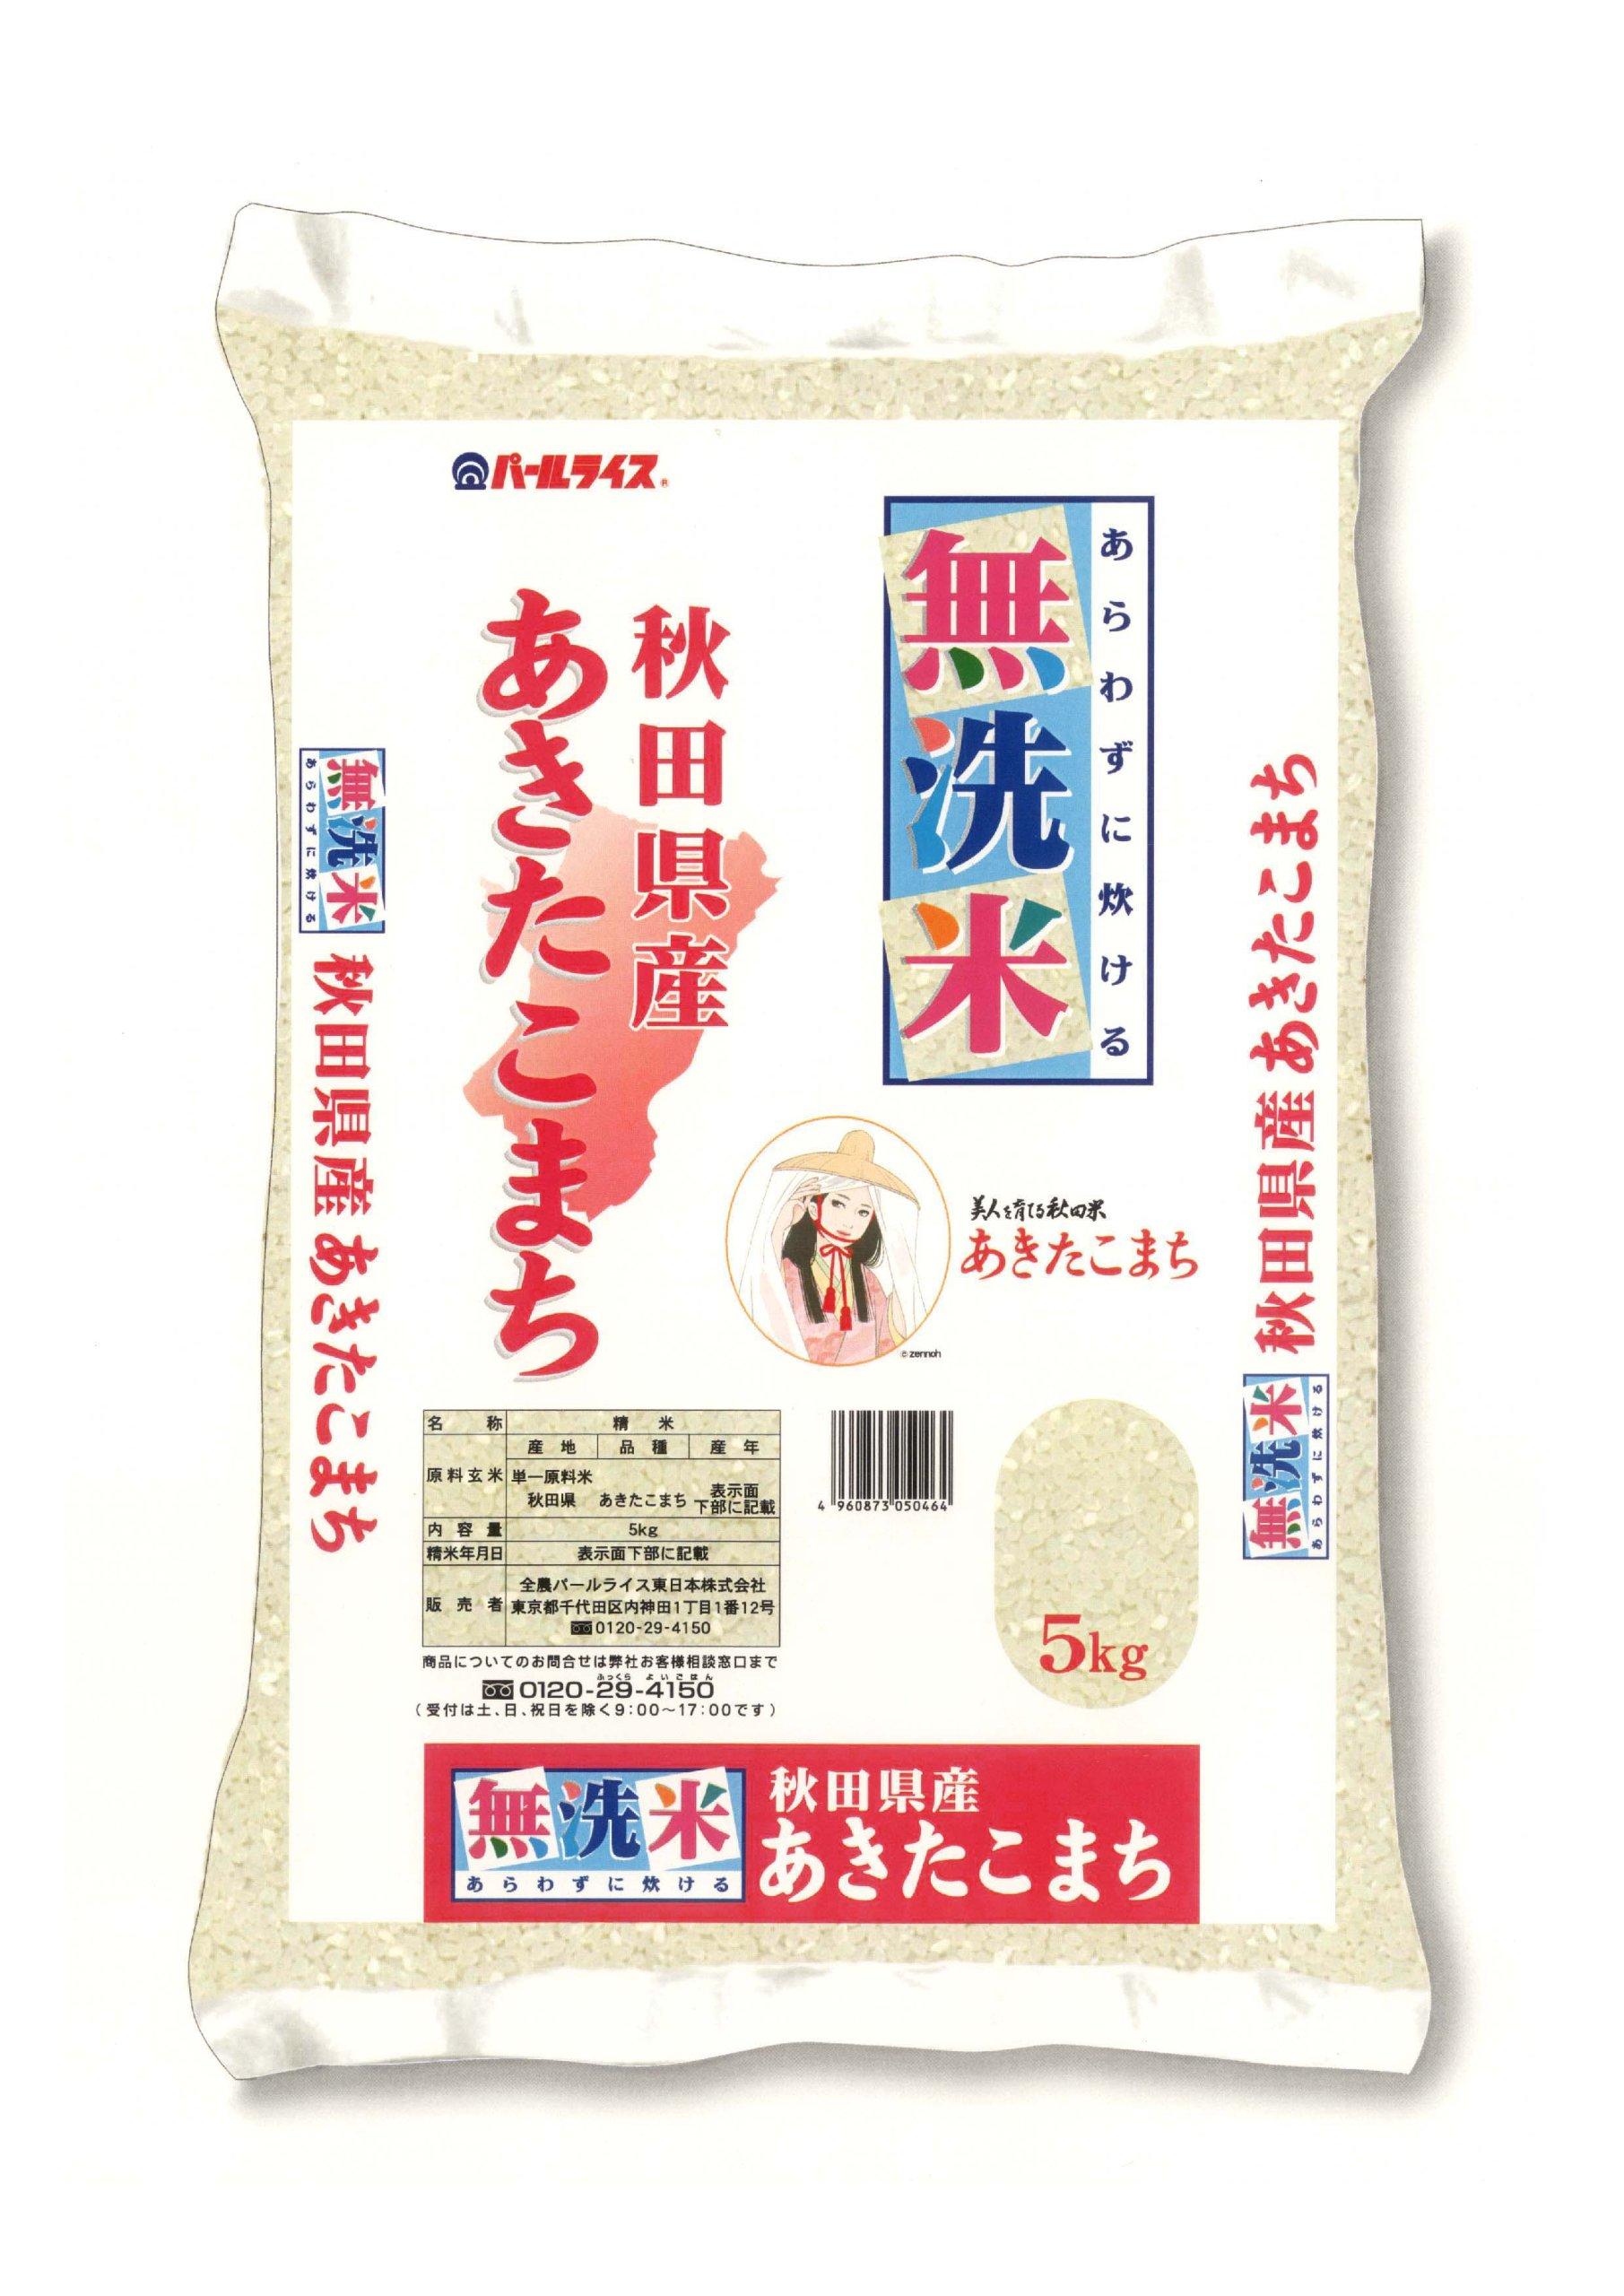 【精米】 秋田県産 無洗米 あきたこまち 5kg 平成25年産